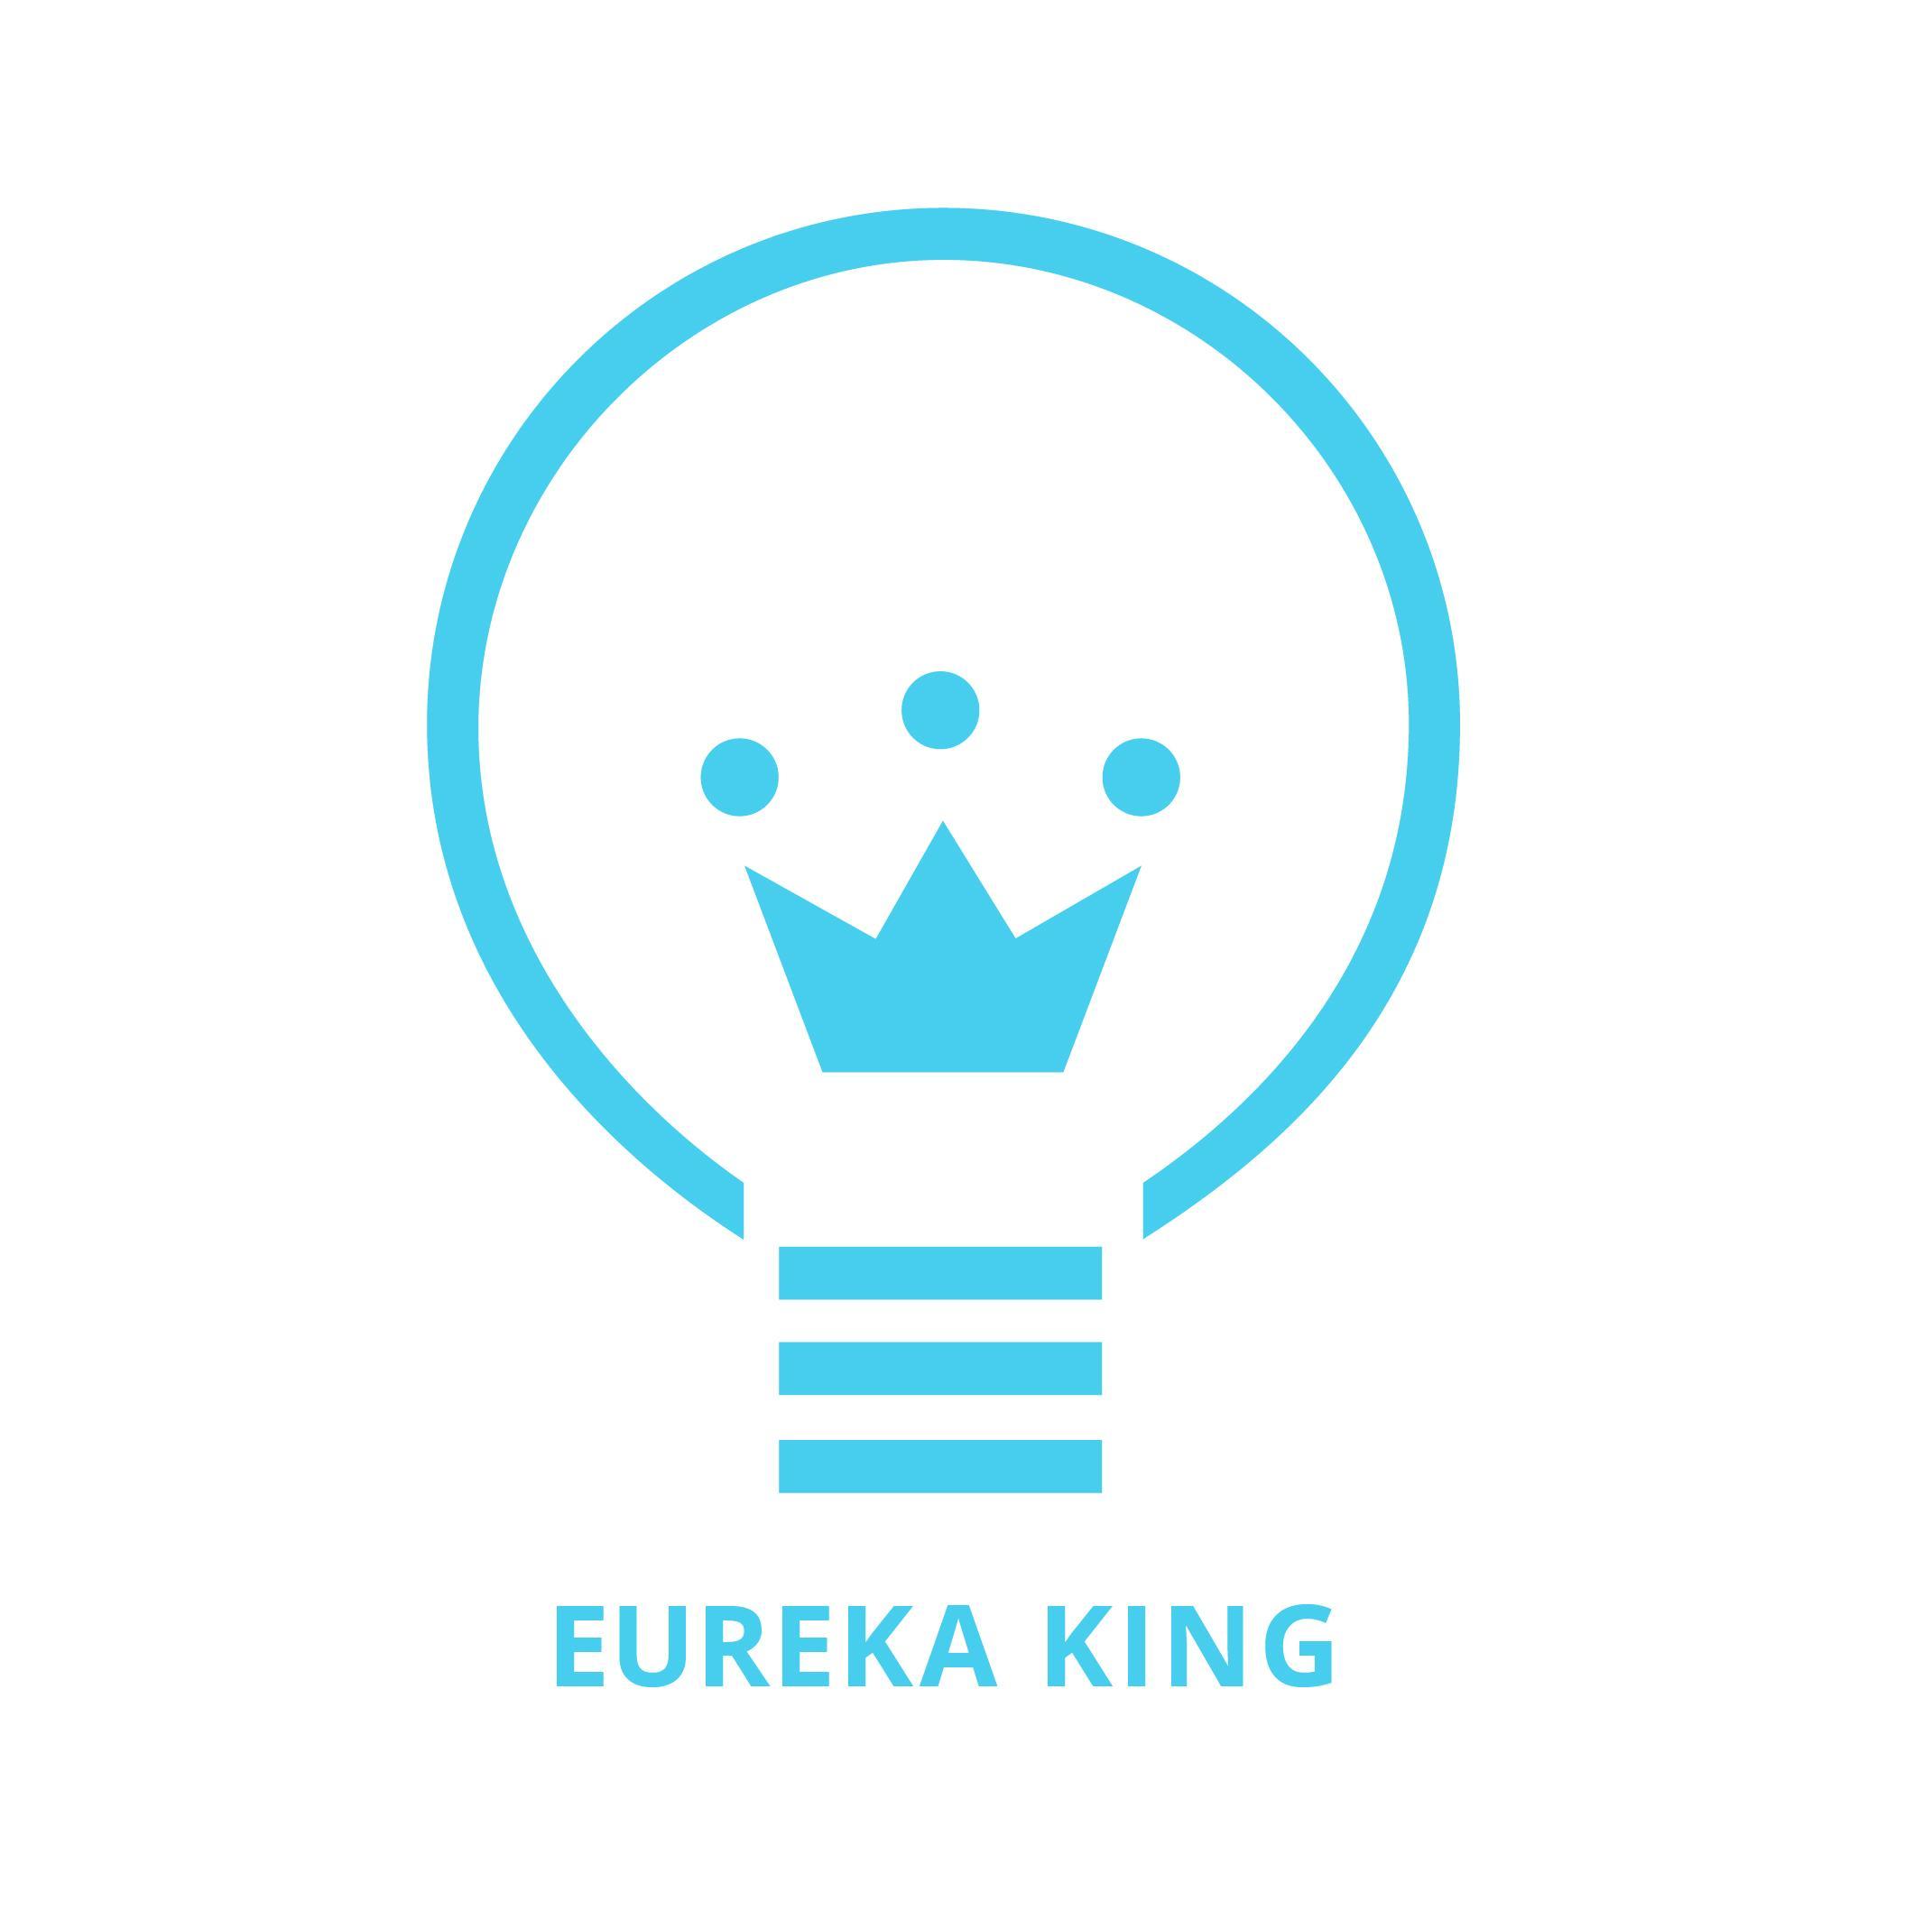 Eureka King